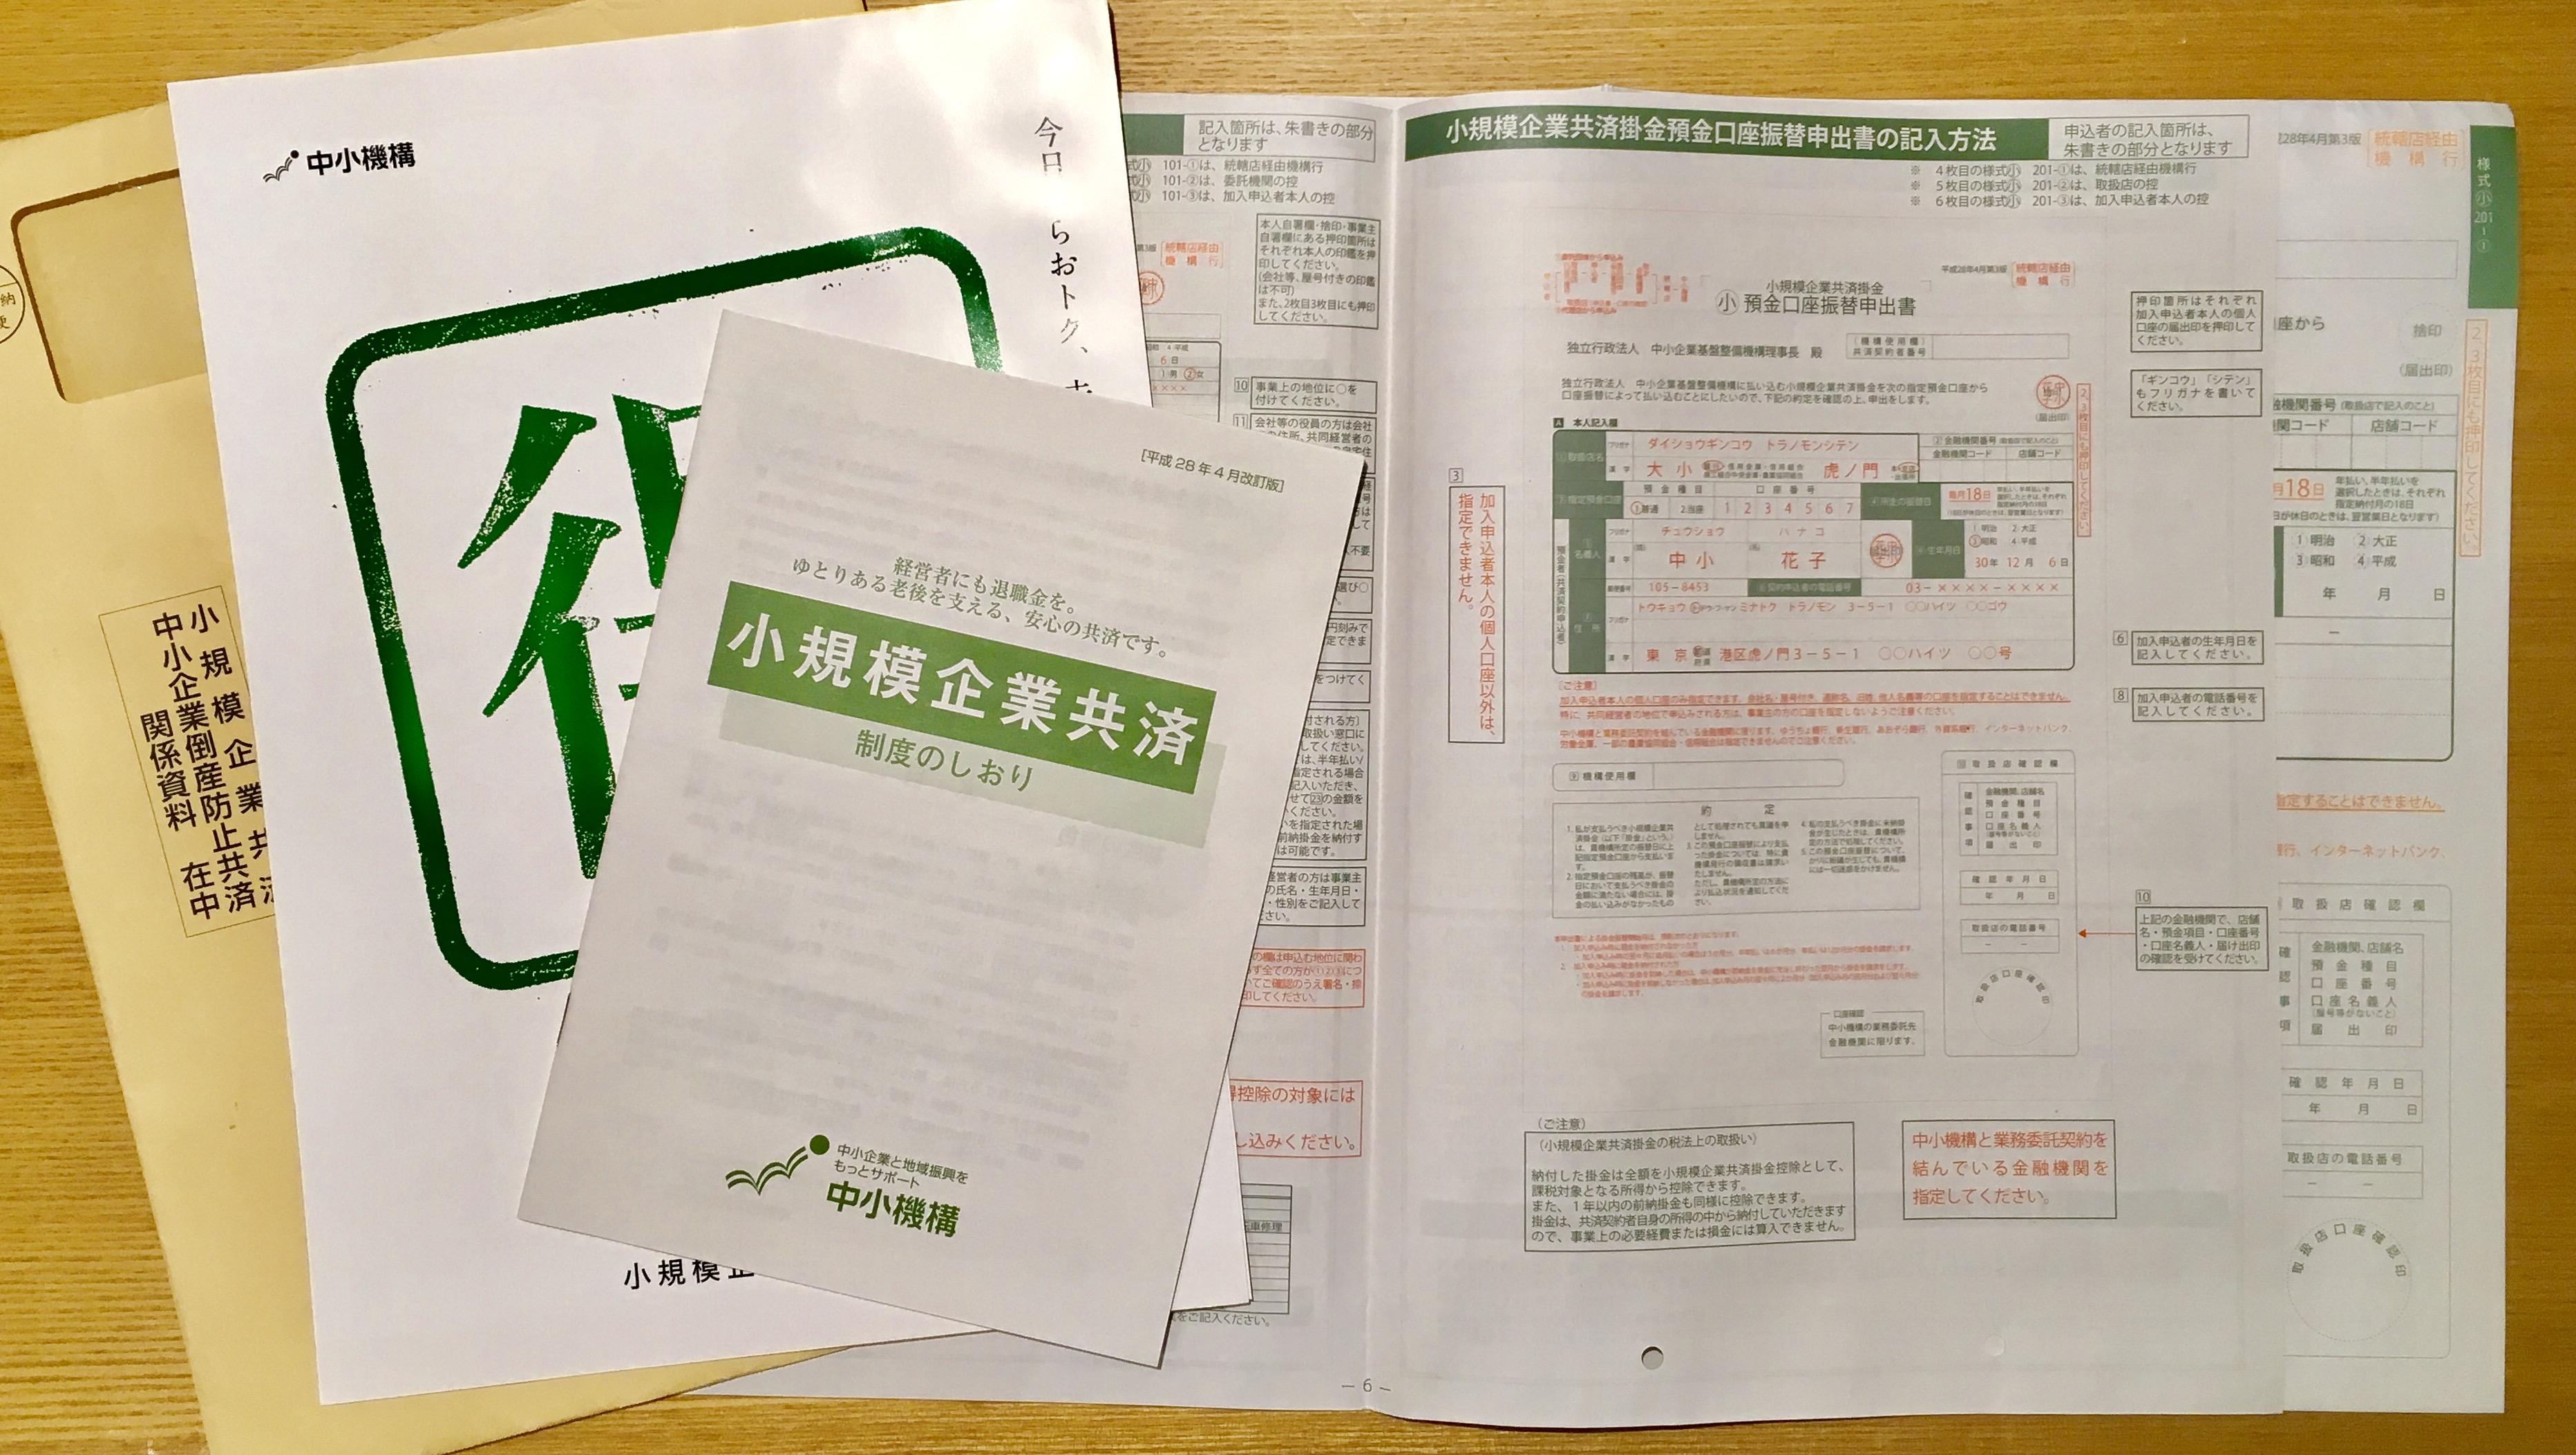 小規模企業共済の資料請求から申込み完了まで体験記録。12月に前納成功